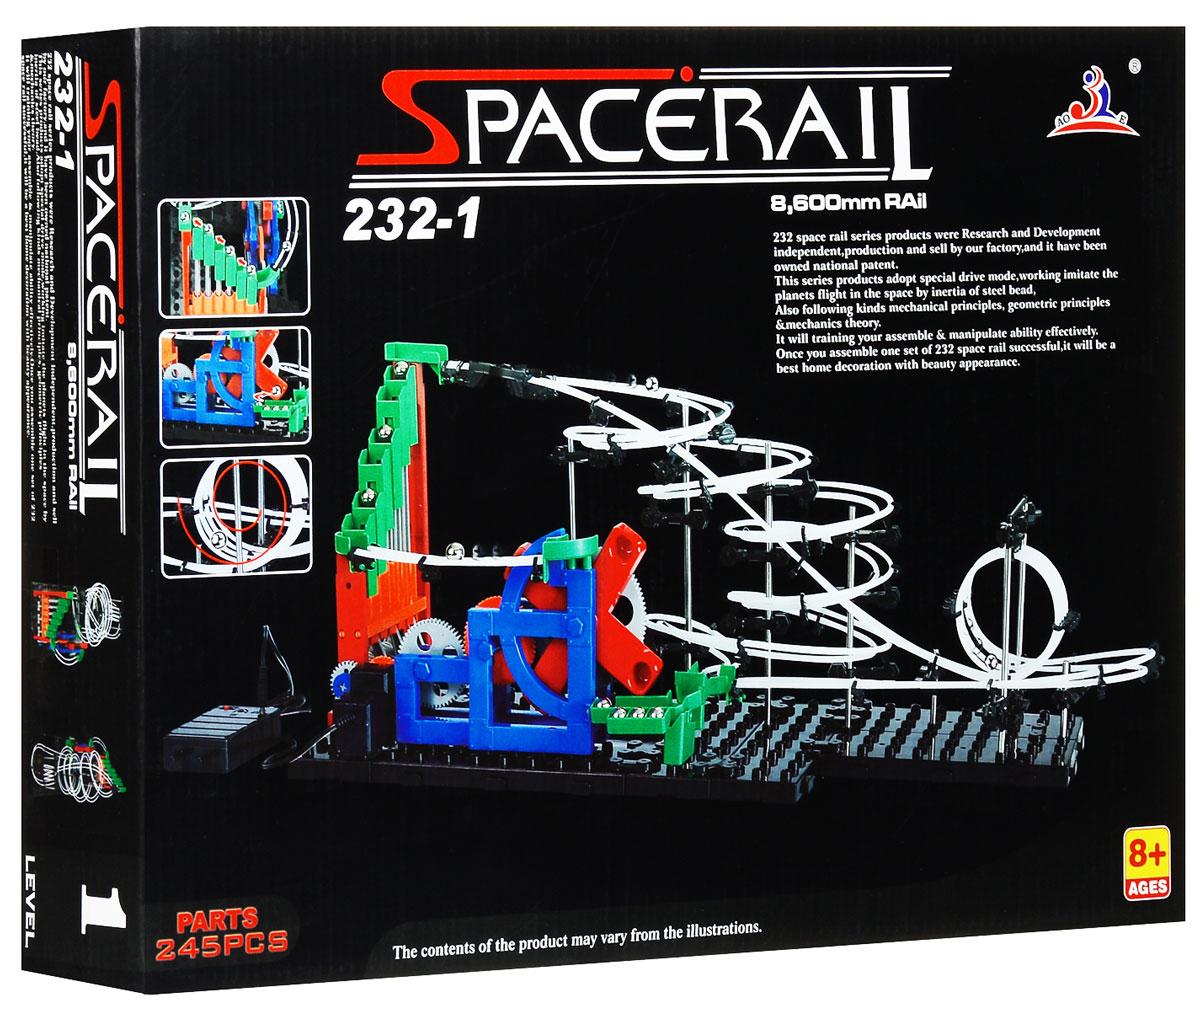 Space Rail Конструктор Уровень 1 860 см232-1Конструктор Space Rail - космическая трасса, представляет собой отличную пространственную головоломку, которая увлечет всю семью от мала до велика! Процесс сборки доставит удовольствие и детям, и родителям, а запуск космической трассы приведет всех в восторг. Вы сможете построить захватывающие дороги и сами задать траектории, по которым стремительно будут проноситься металлические шарики. Это интереснейший аттракцион, напоминающий американские горки, за которым можно наблюдать часами. Сборка конструктора поможет ребенку развить пространственное мышление и фантазию. Собранная модель станет изюминкой вашего дома и привлечет внимание окружающих. Вы и ваш ребенок сможете гордиться тем, что самостоятельно собрали такой аттракцион. Длина трассы: 860 см. Для работы игрушки необходимы 3 батарейки типа АА (не входят в комплект).